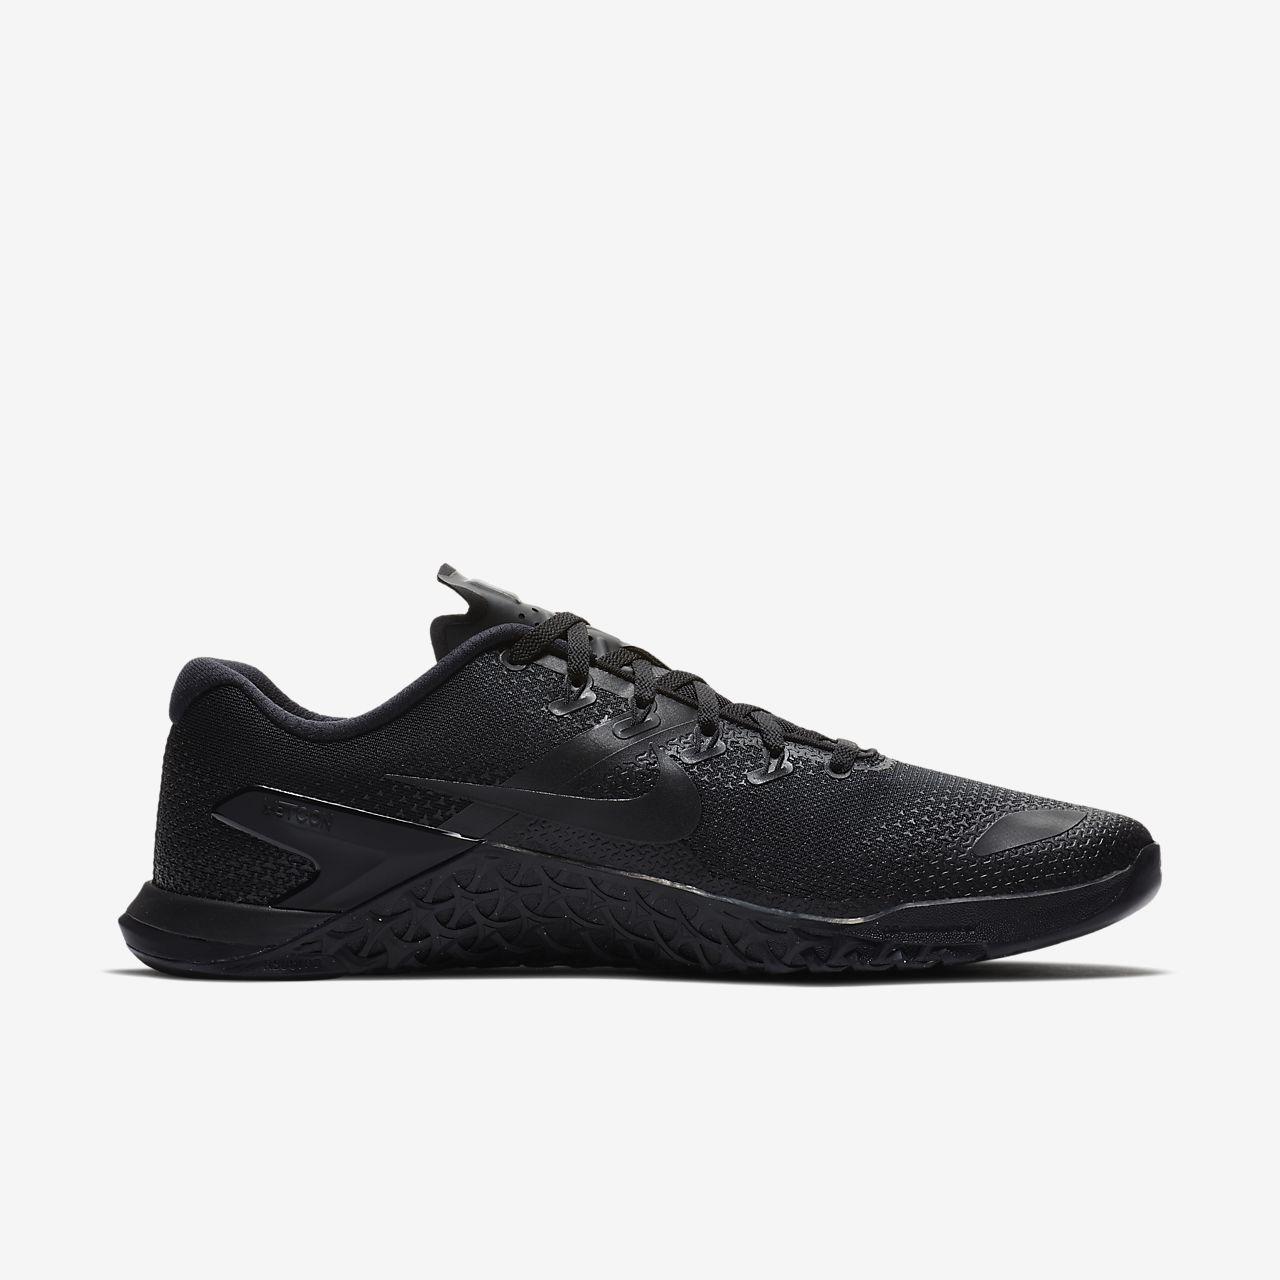 separation shoes ec81e c7b8e ... Chaussure de cross-training et de renforcement musculaire Nike Metcon 4  pour Homme